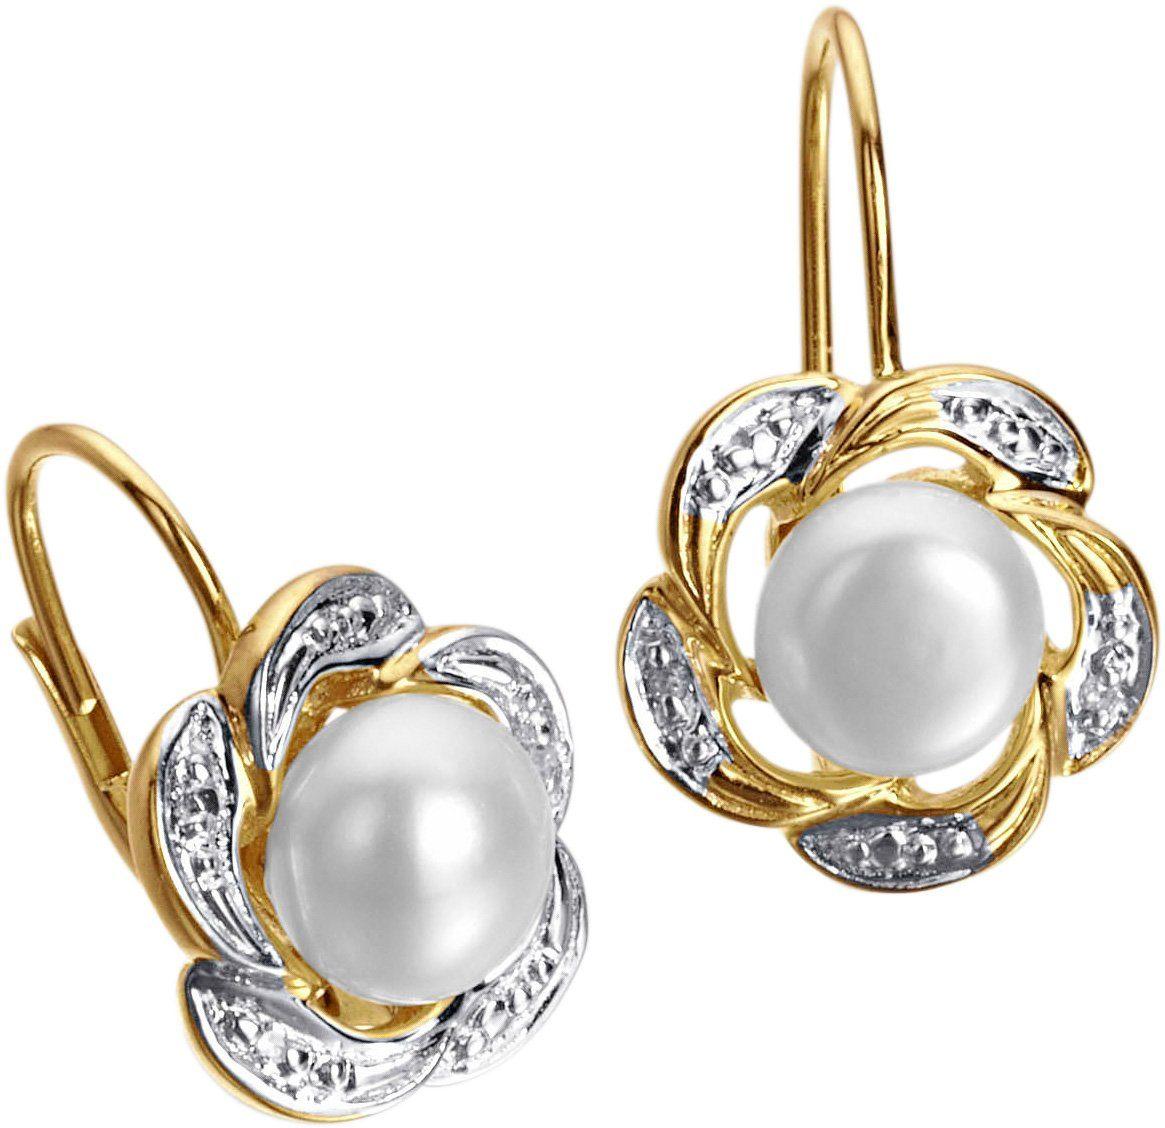 Kaufen Online Ohrschmuck Online Mit Diamanten Mit Kaufen Ohrschmuck Diamanten QrsdxhtC